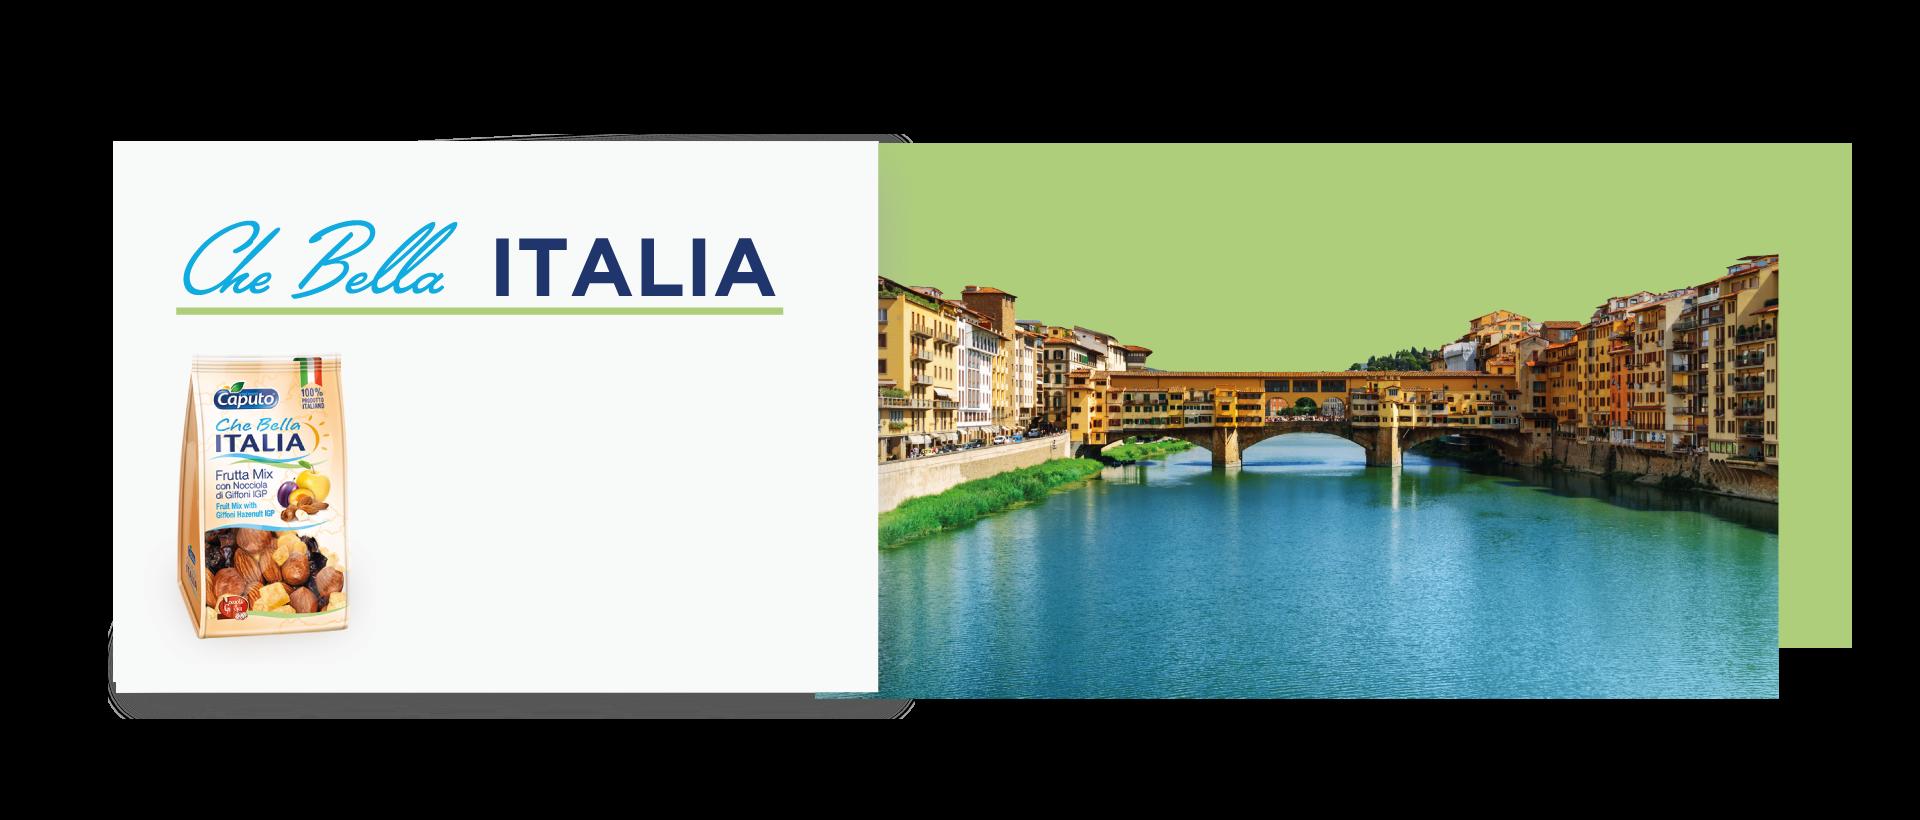 Che Bella Italia fruttamix | Vincenzo Caputo srl